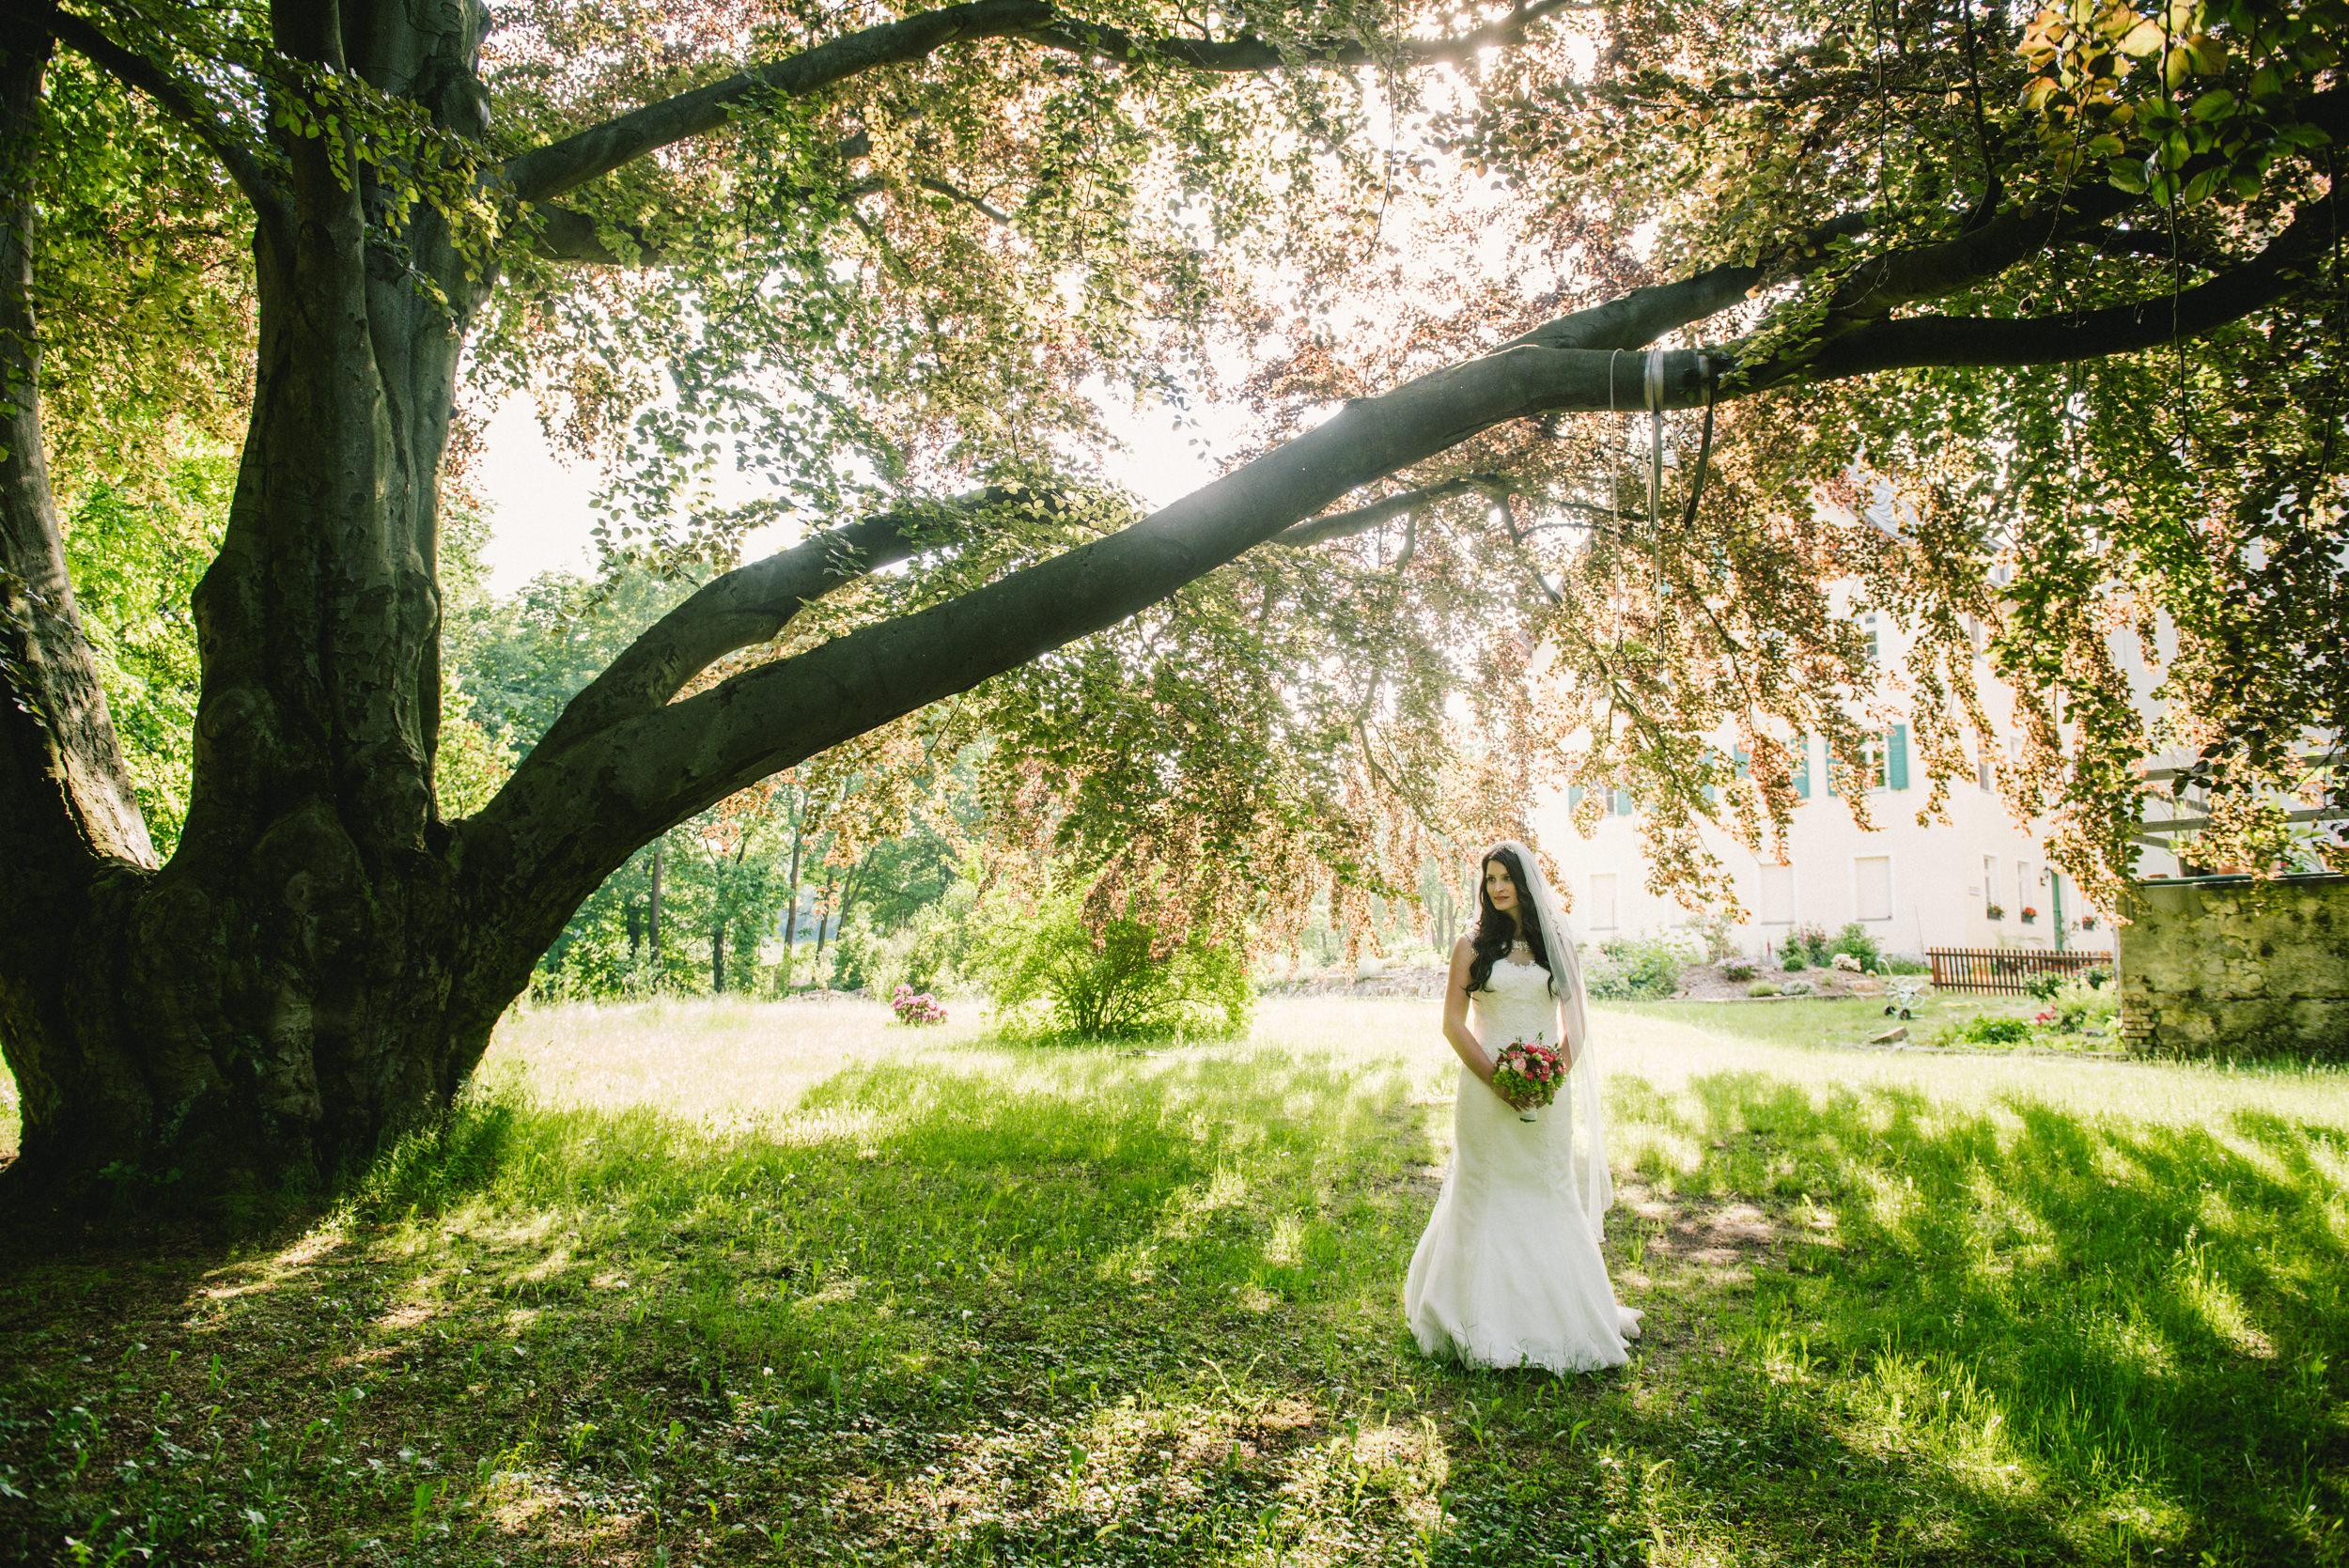 Paul_Glaser_Hochzeitsfotograf-19